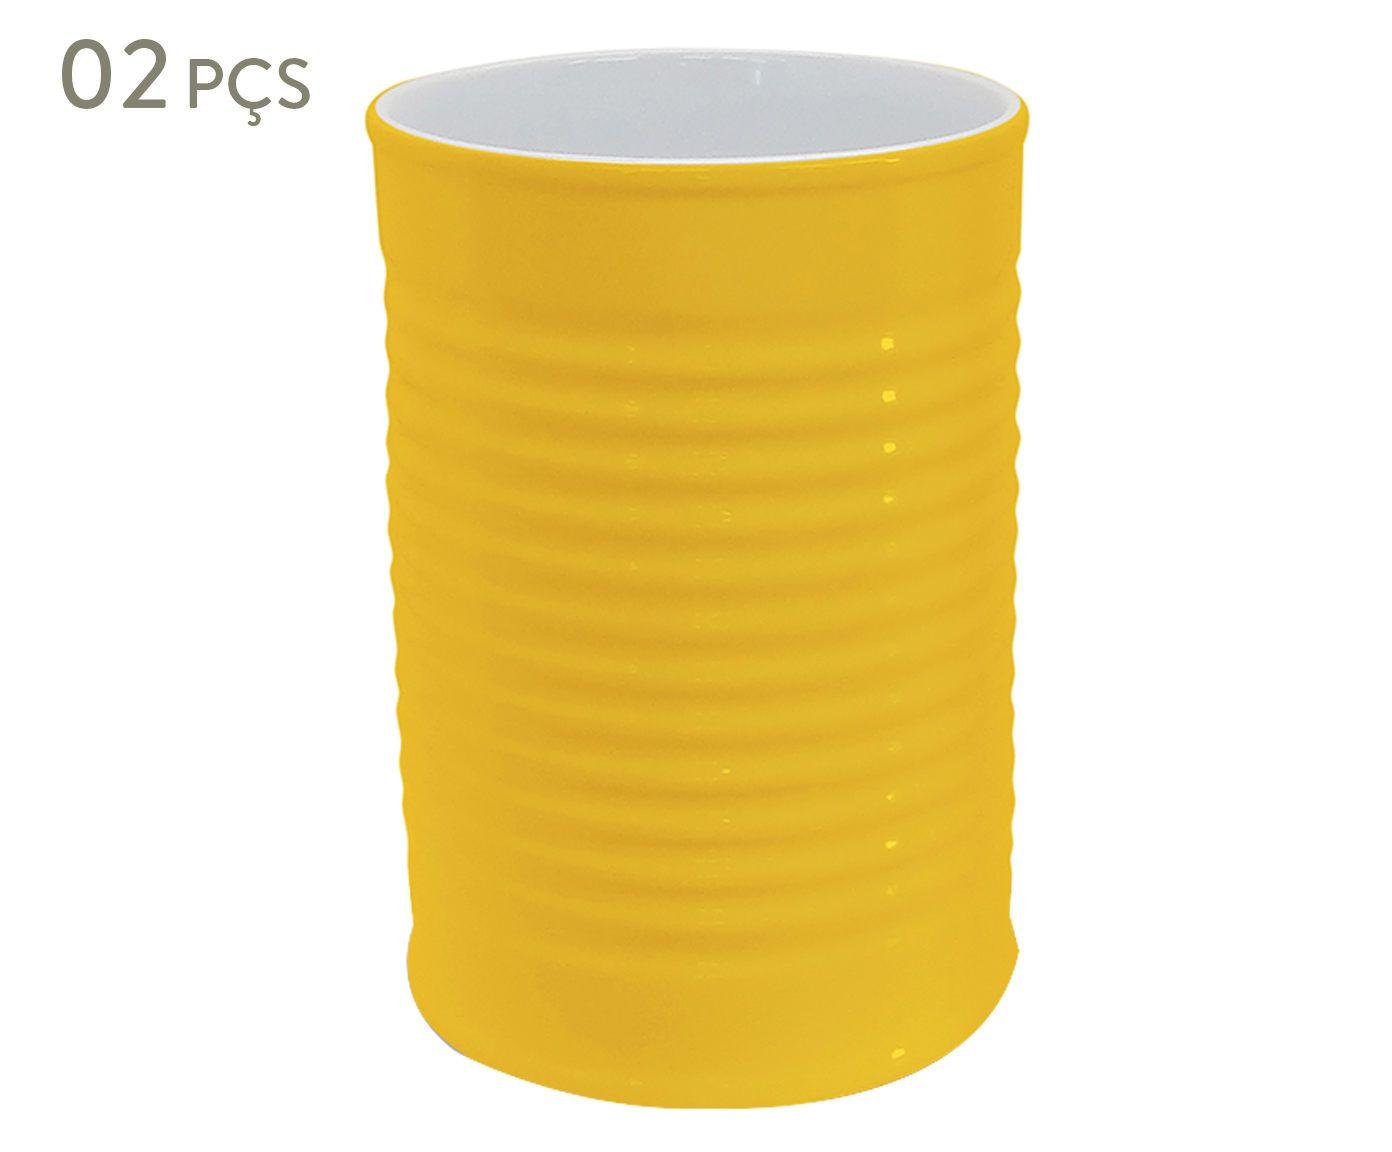 Conjunto de Porta-utensílios Espalier - Soleil | Westwing.com.br